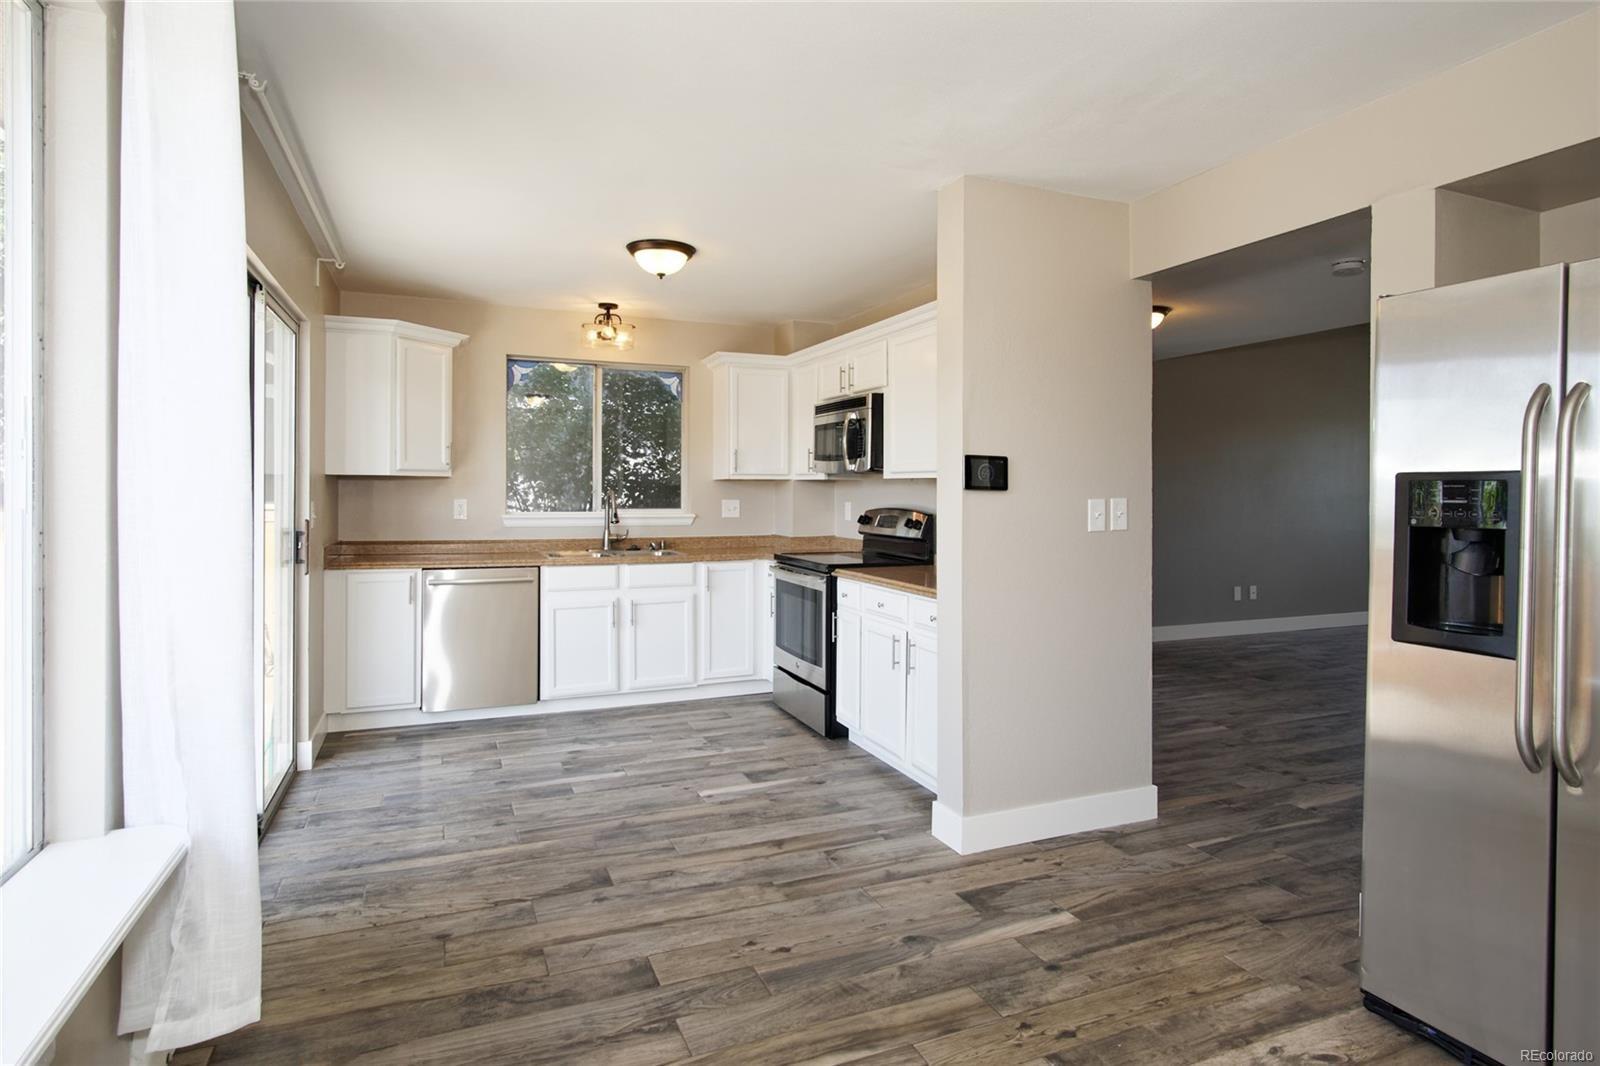 MLS# 6343588 - 11 - 522 Lindenwood Court, Highlands Ranch, CO 80126